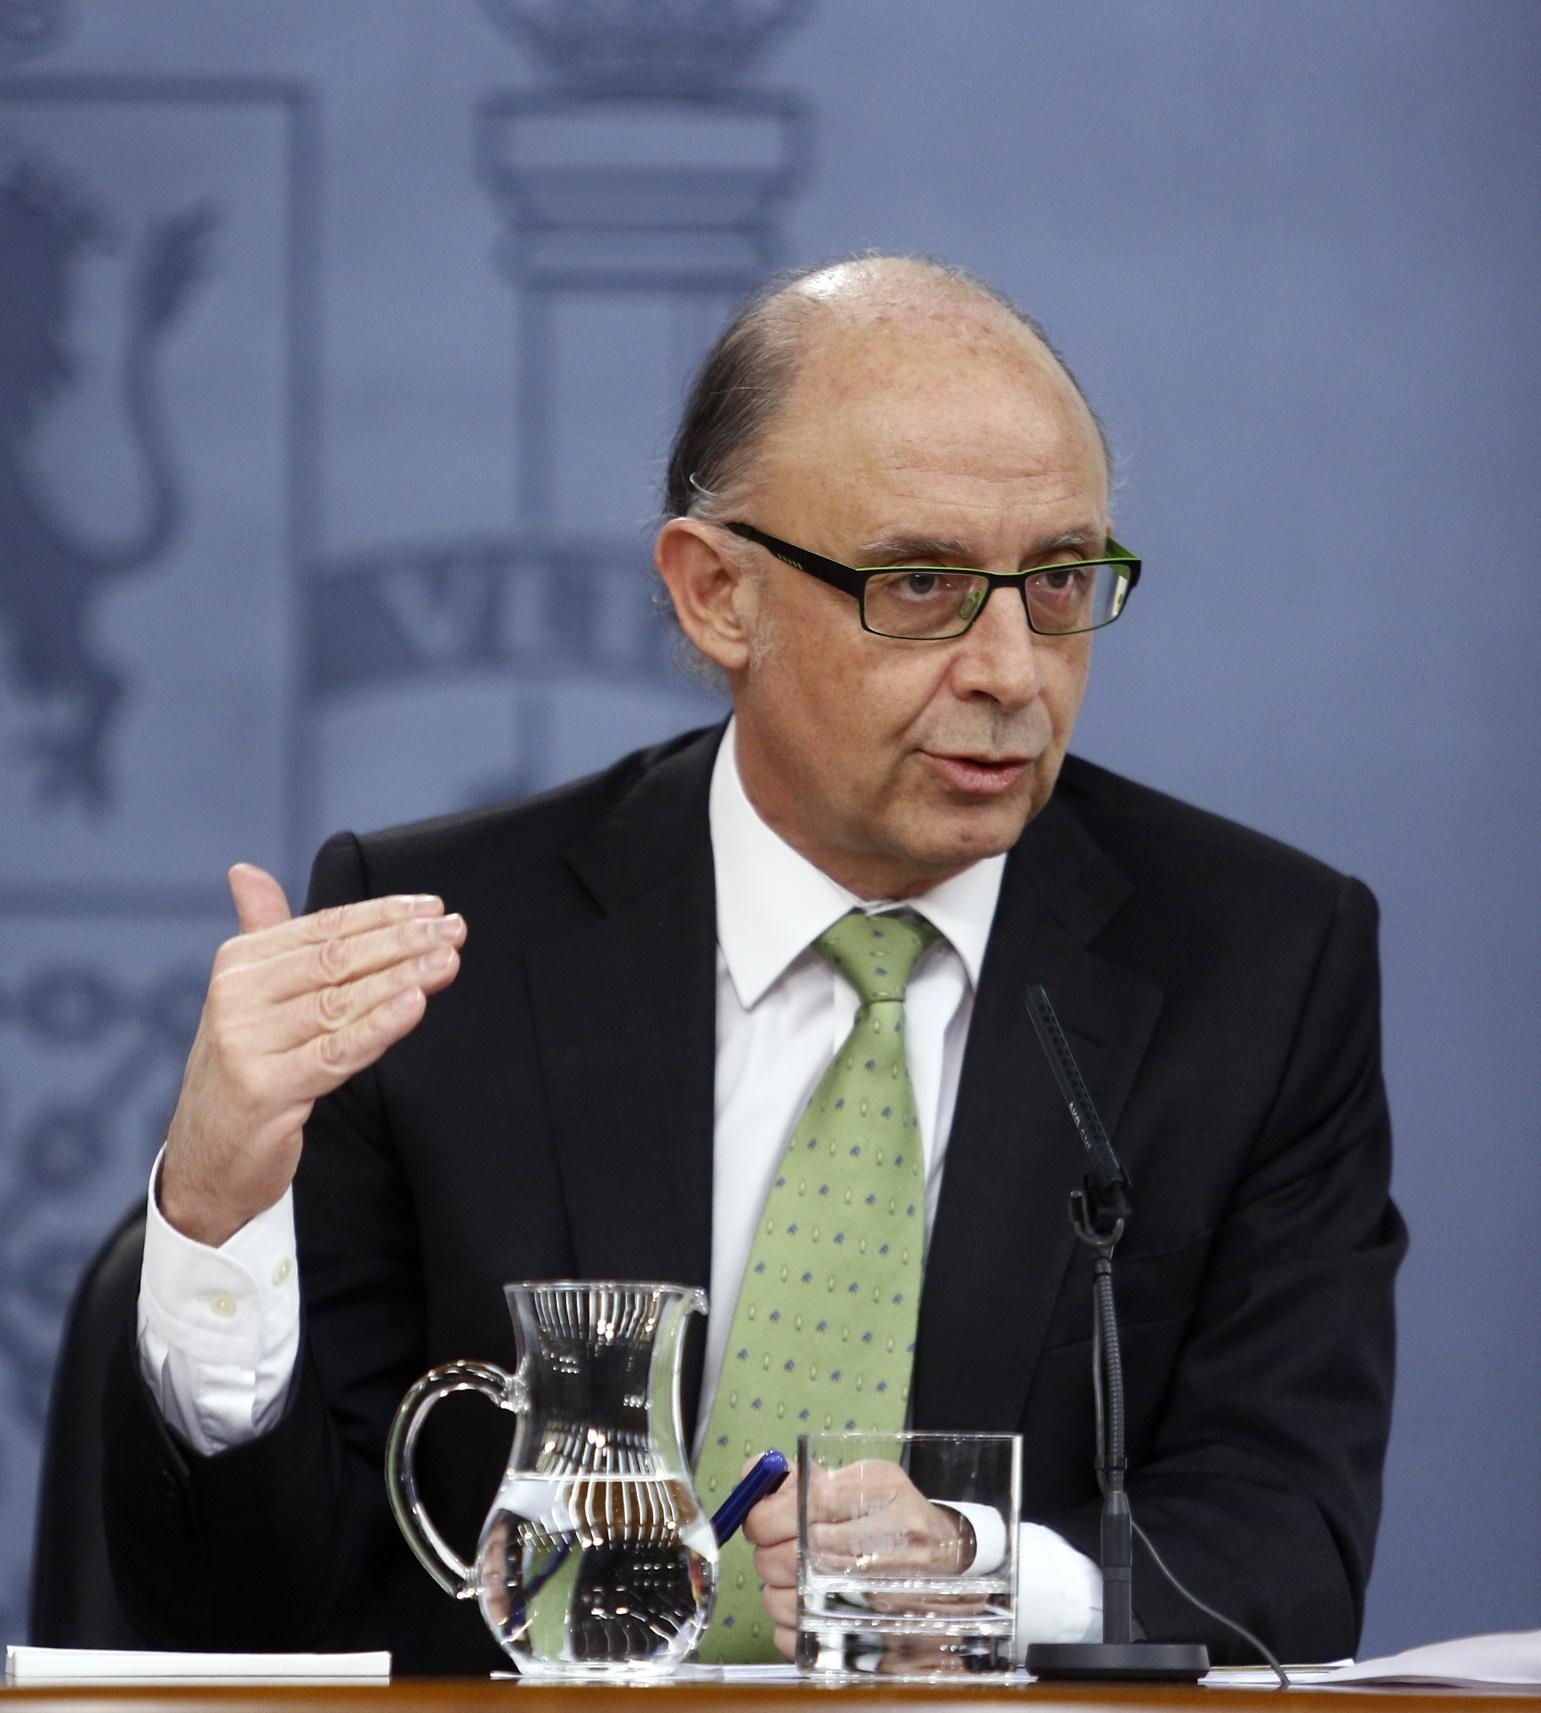 Murcia cerró 2012 con un déficit del 3,02% del PIB